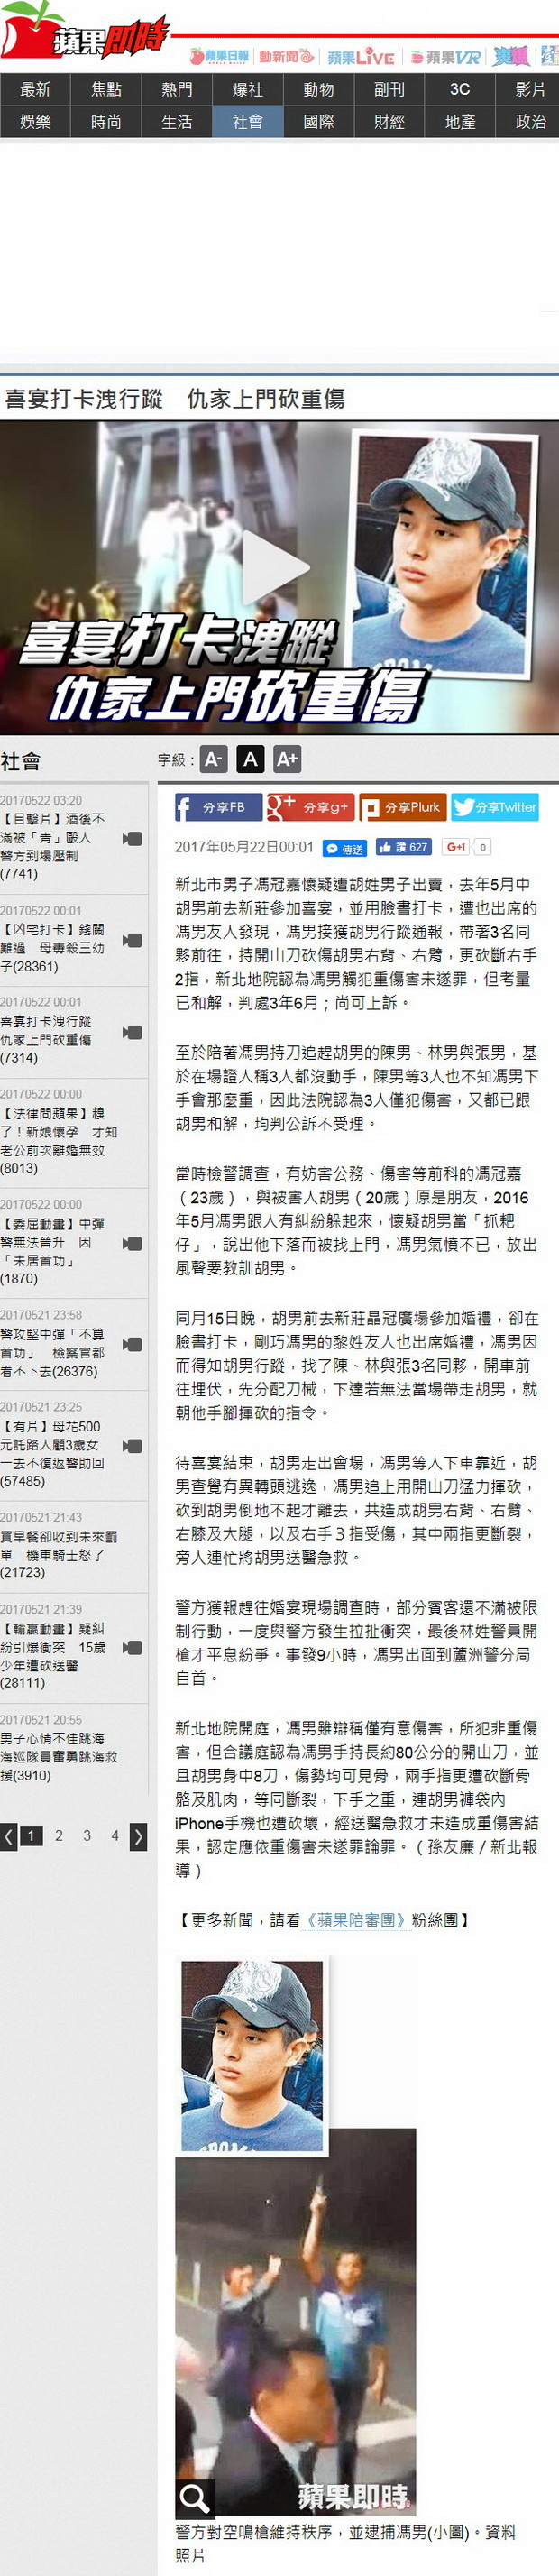 喜宴打卡洩行蹤 仇家上門砍重傷-2017.05.22.jpg